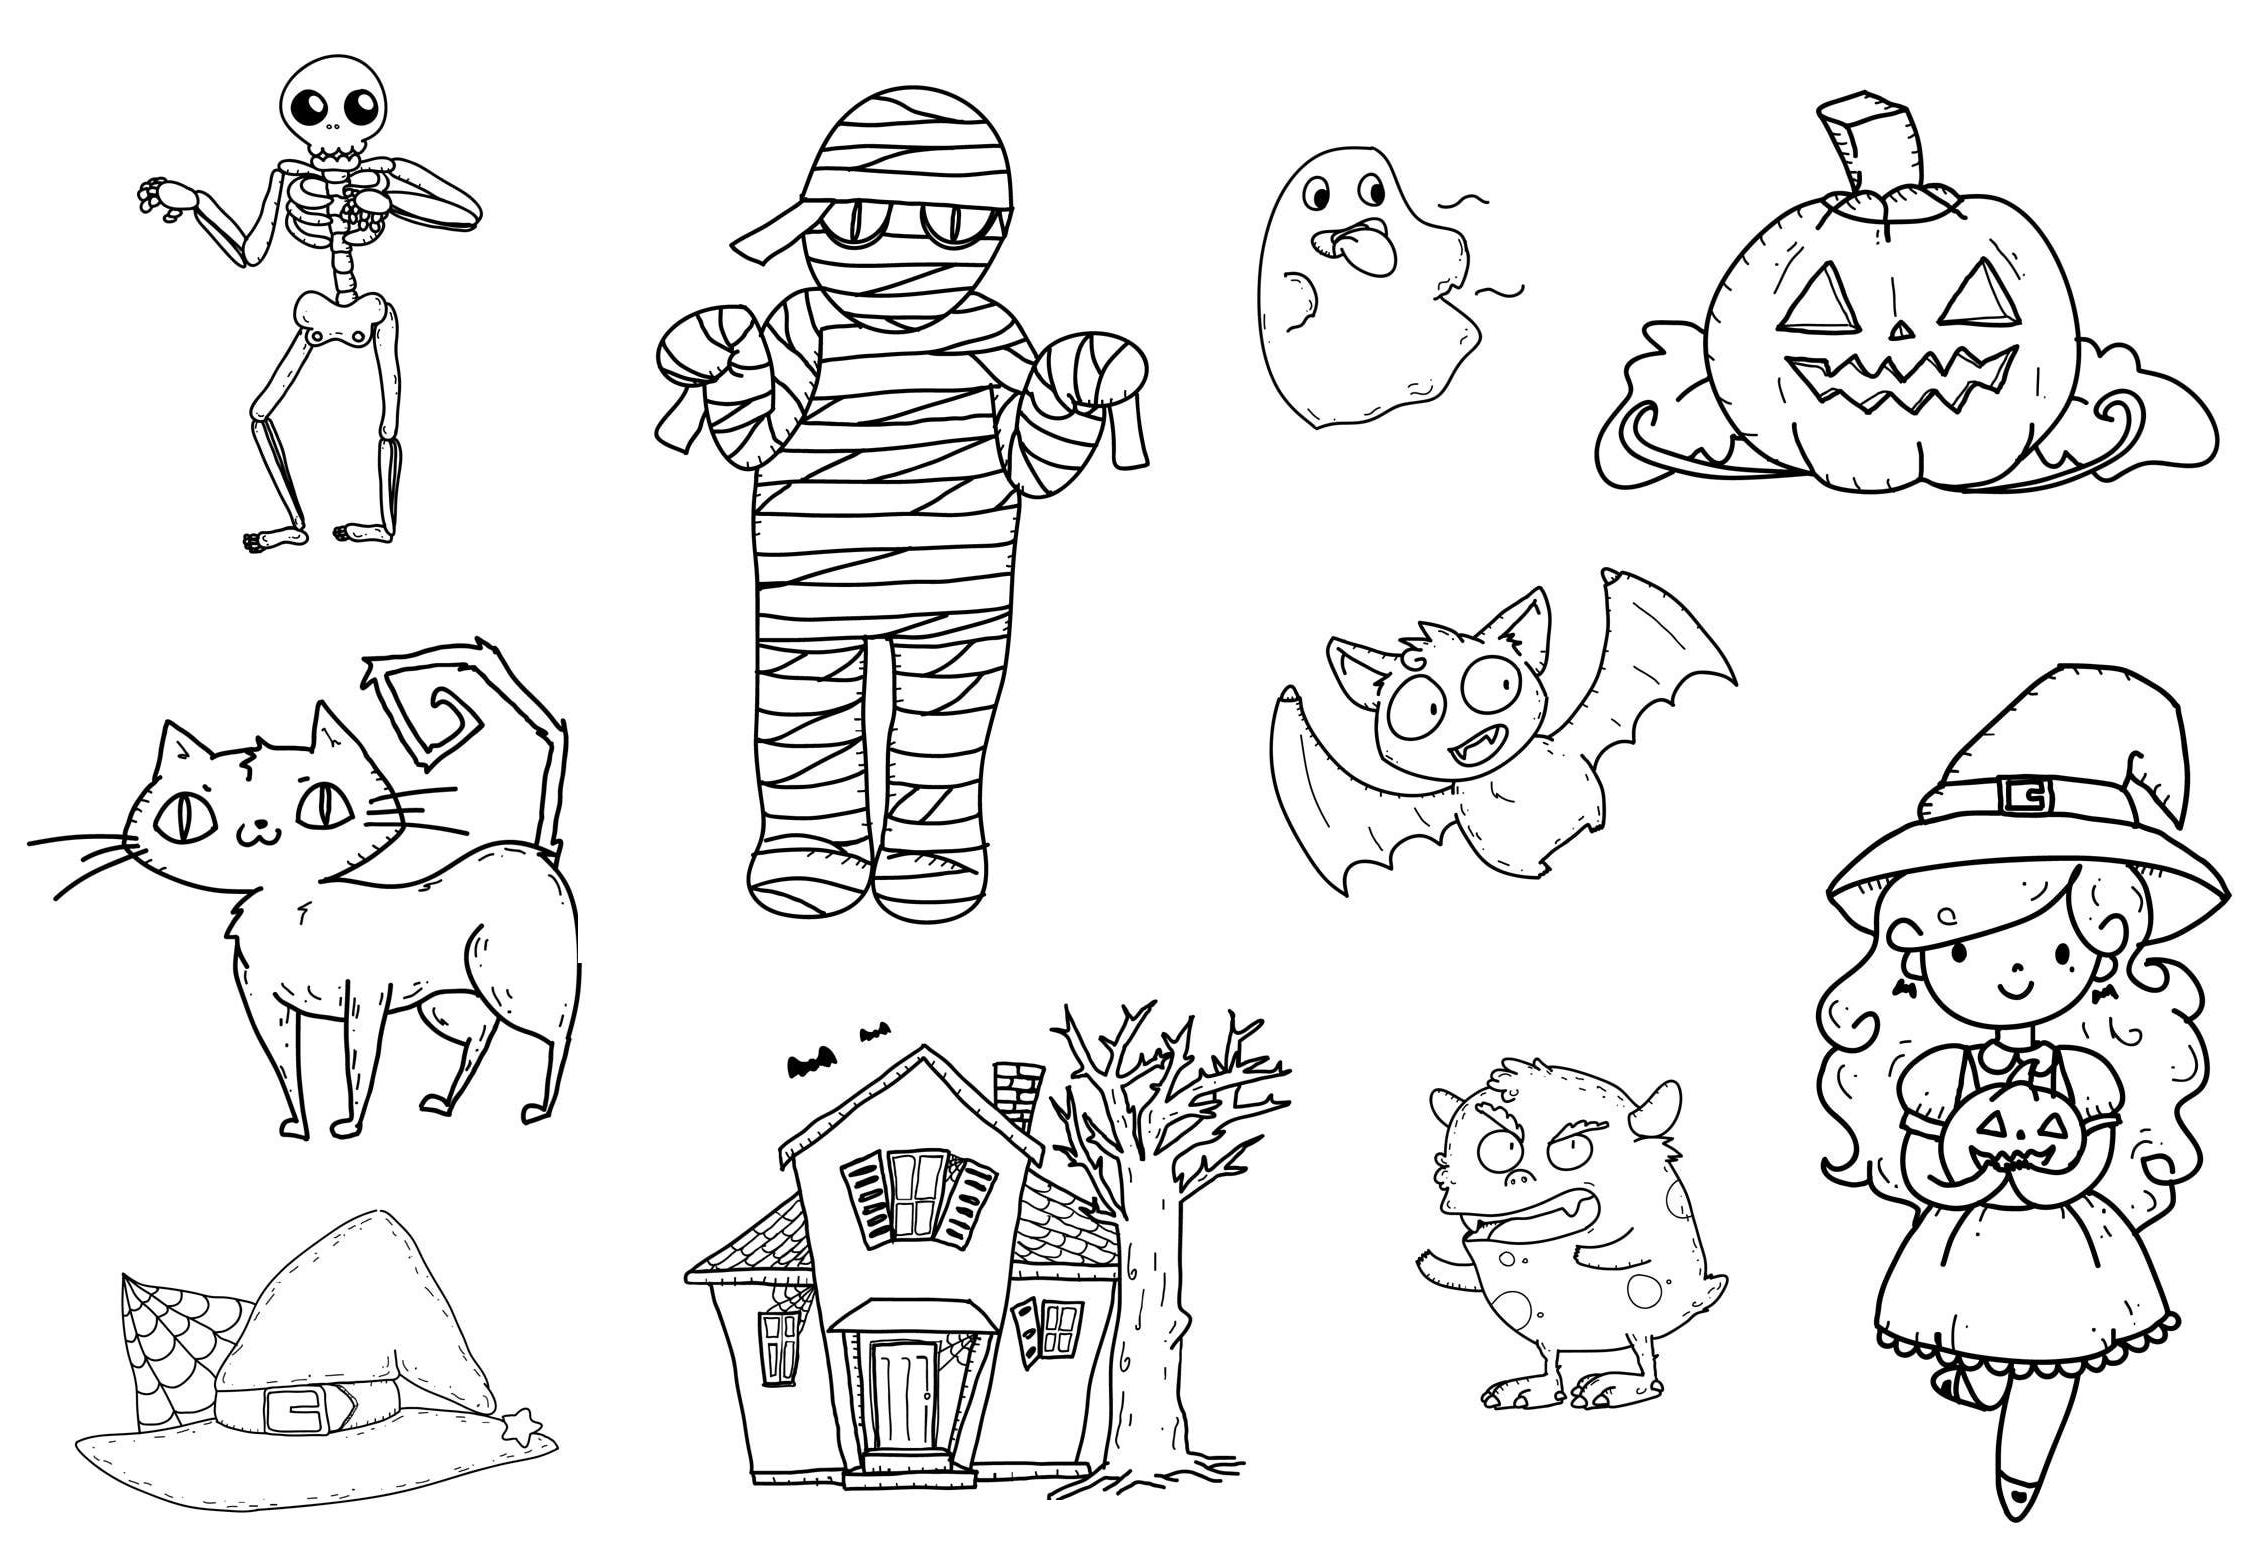 Dibujos Varios Para Colorear: Dibujos Halloween Para Colorear, Imprimir Y Recortar